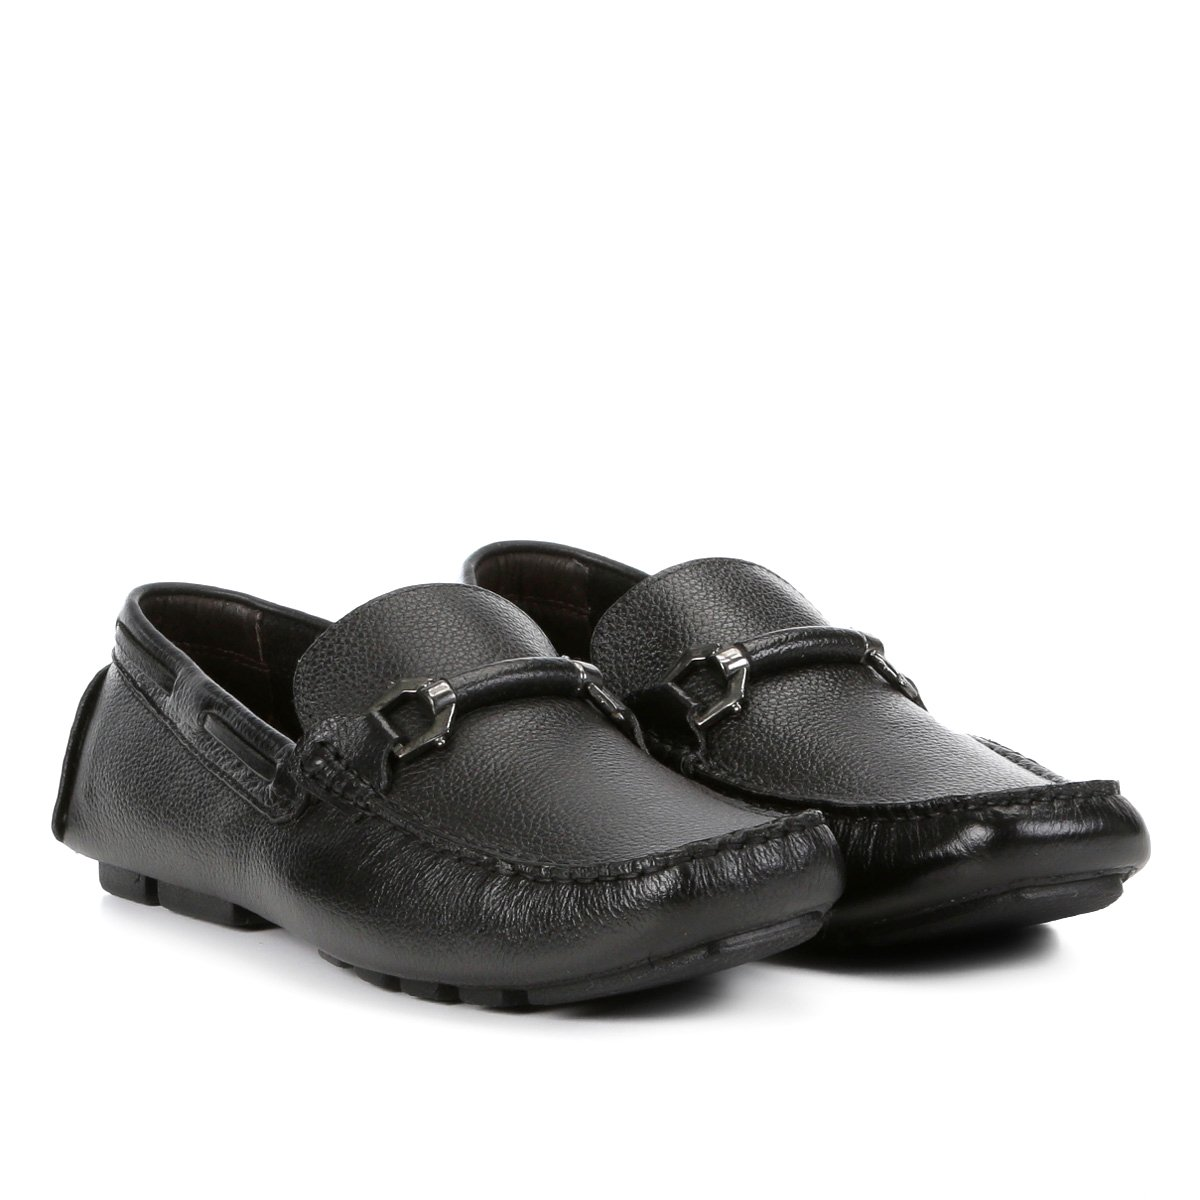 efa7324ee9e2e bota couro shoestock cano médio mascu ina mascu ino 139bba88015c52 ...